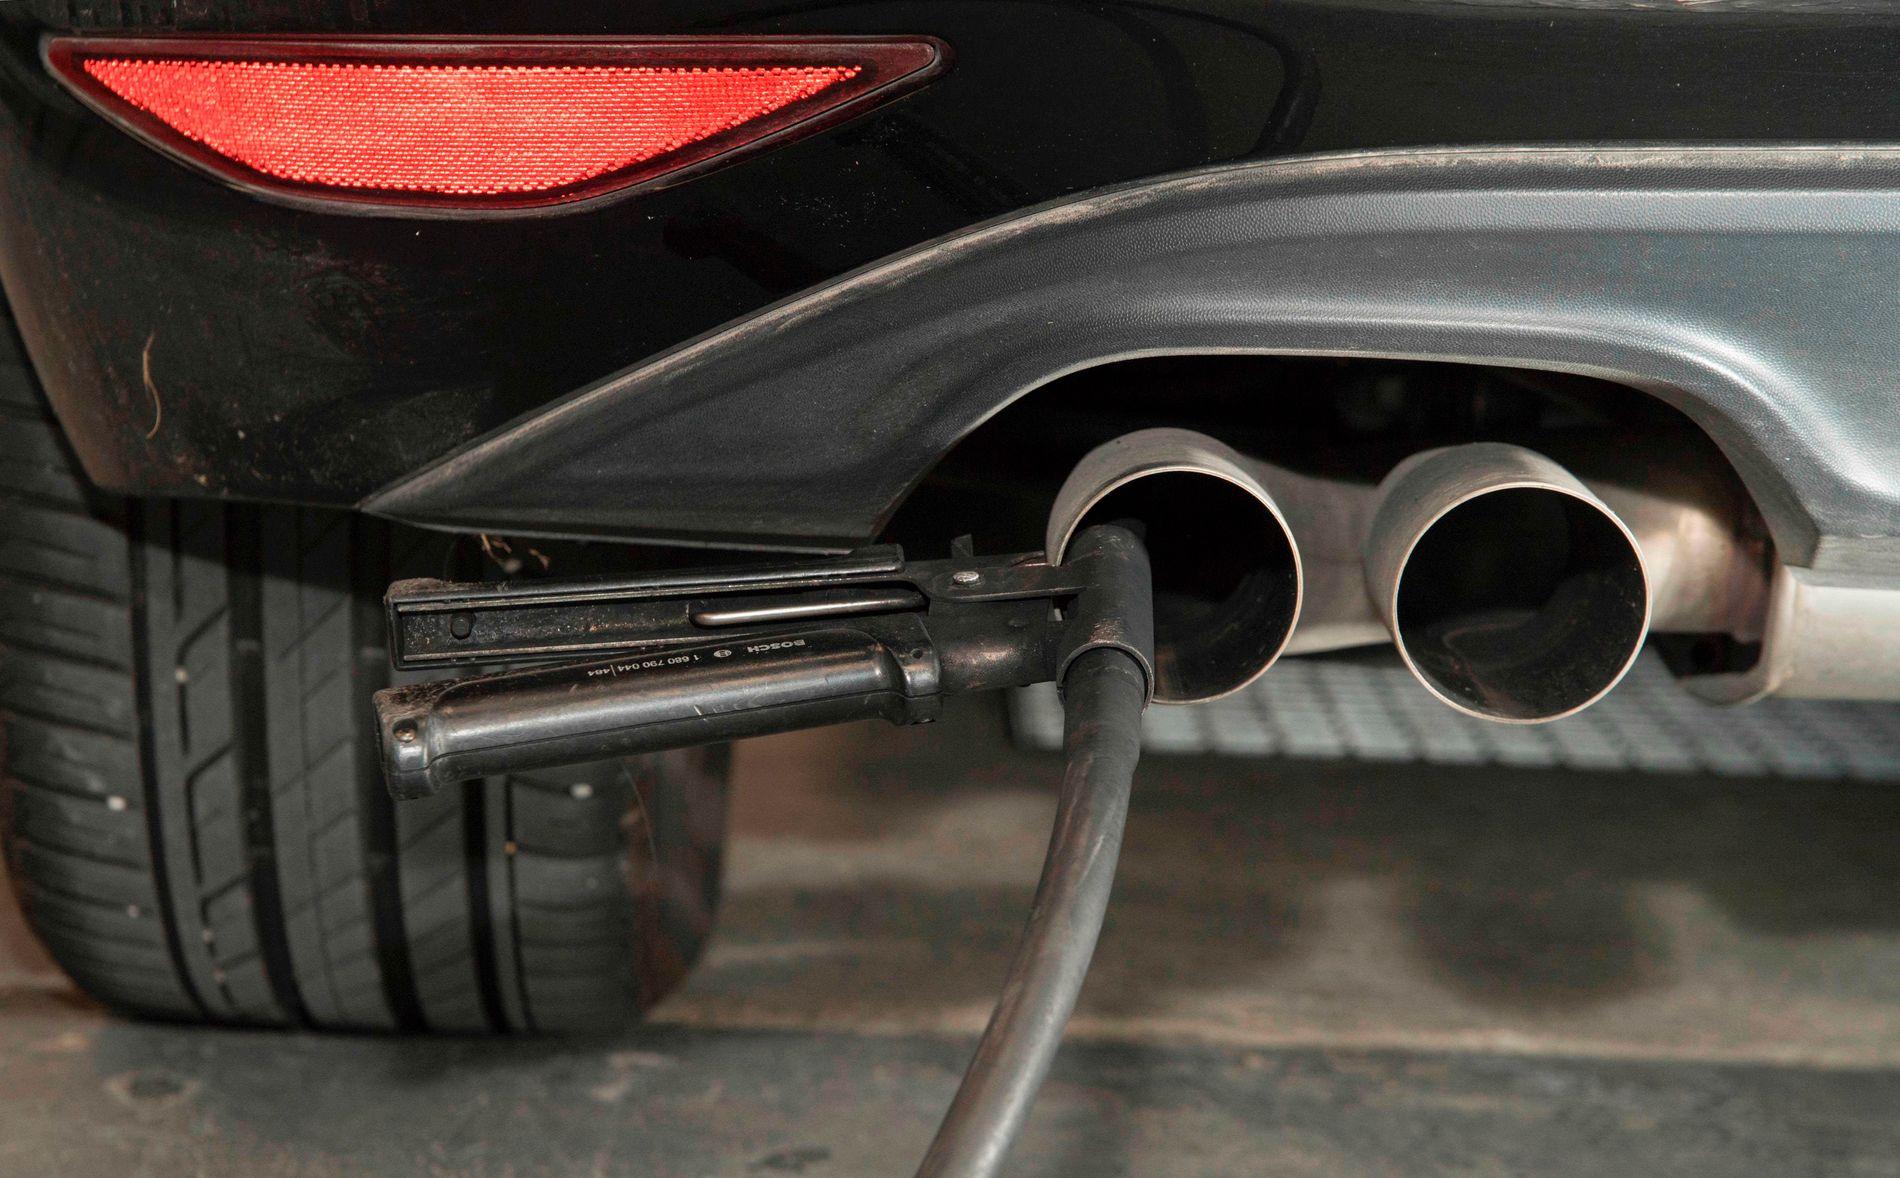 BAKSMELL: Flere biler fra Volkswagen har fått problemer med rensesystemet etter diesel-utbedringen, ifølge NAF. – Disse reparasjonen kan være kostbare, og er ikke noe bileierne skal stå for, mener NAF. Bildet viser avgasstesting av en toliters VW Golf hos et teknisk senter i Ludwigsburg i Tyskland.